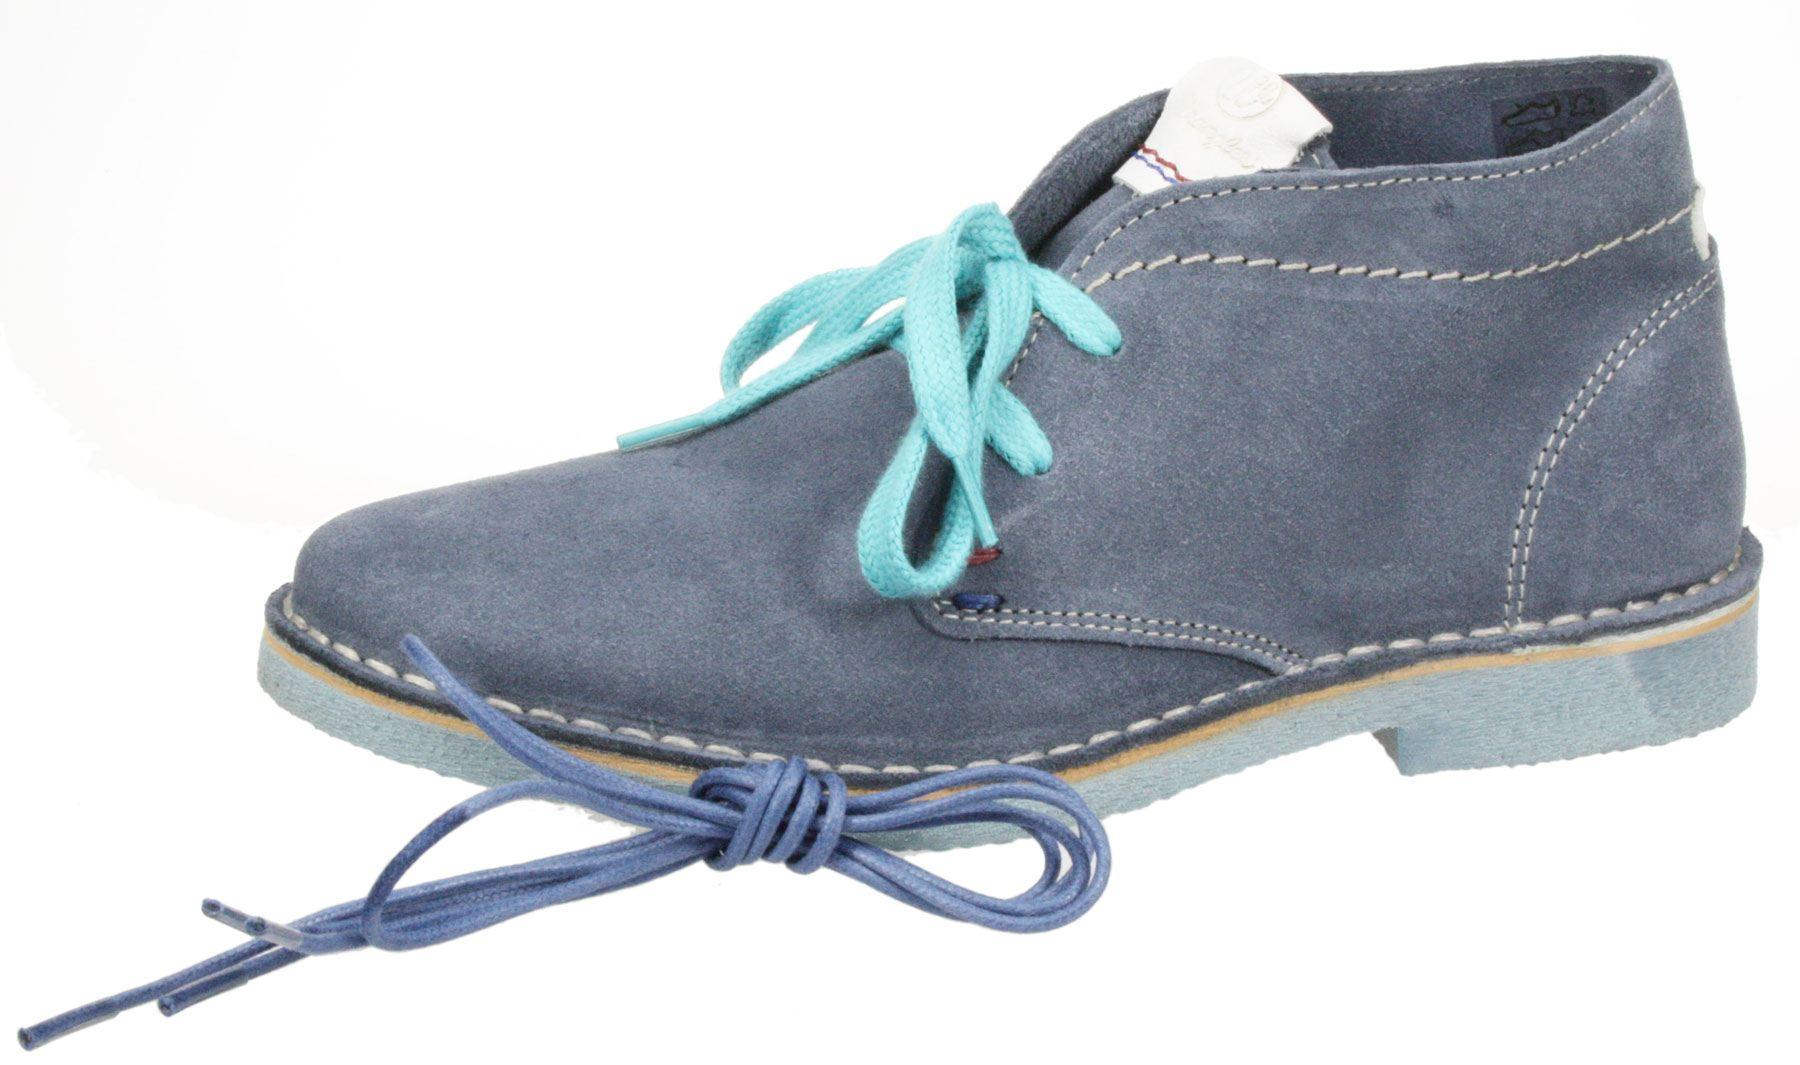 Desert Wildleder Ankle Wrangler Blau Damen Boots Leder Churlish Desert cAqRj354L